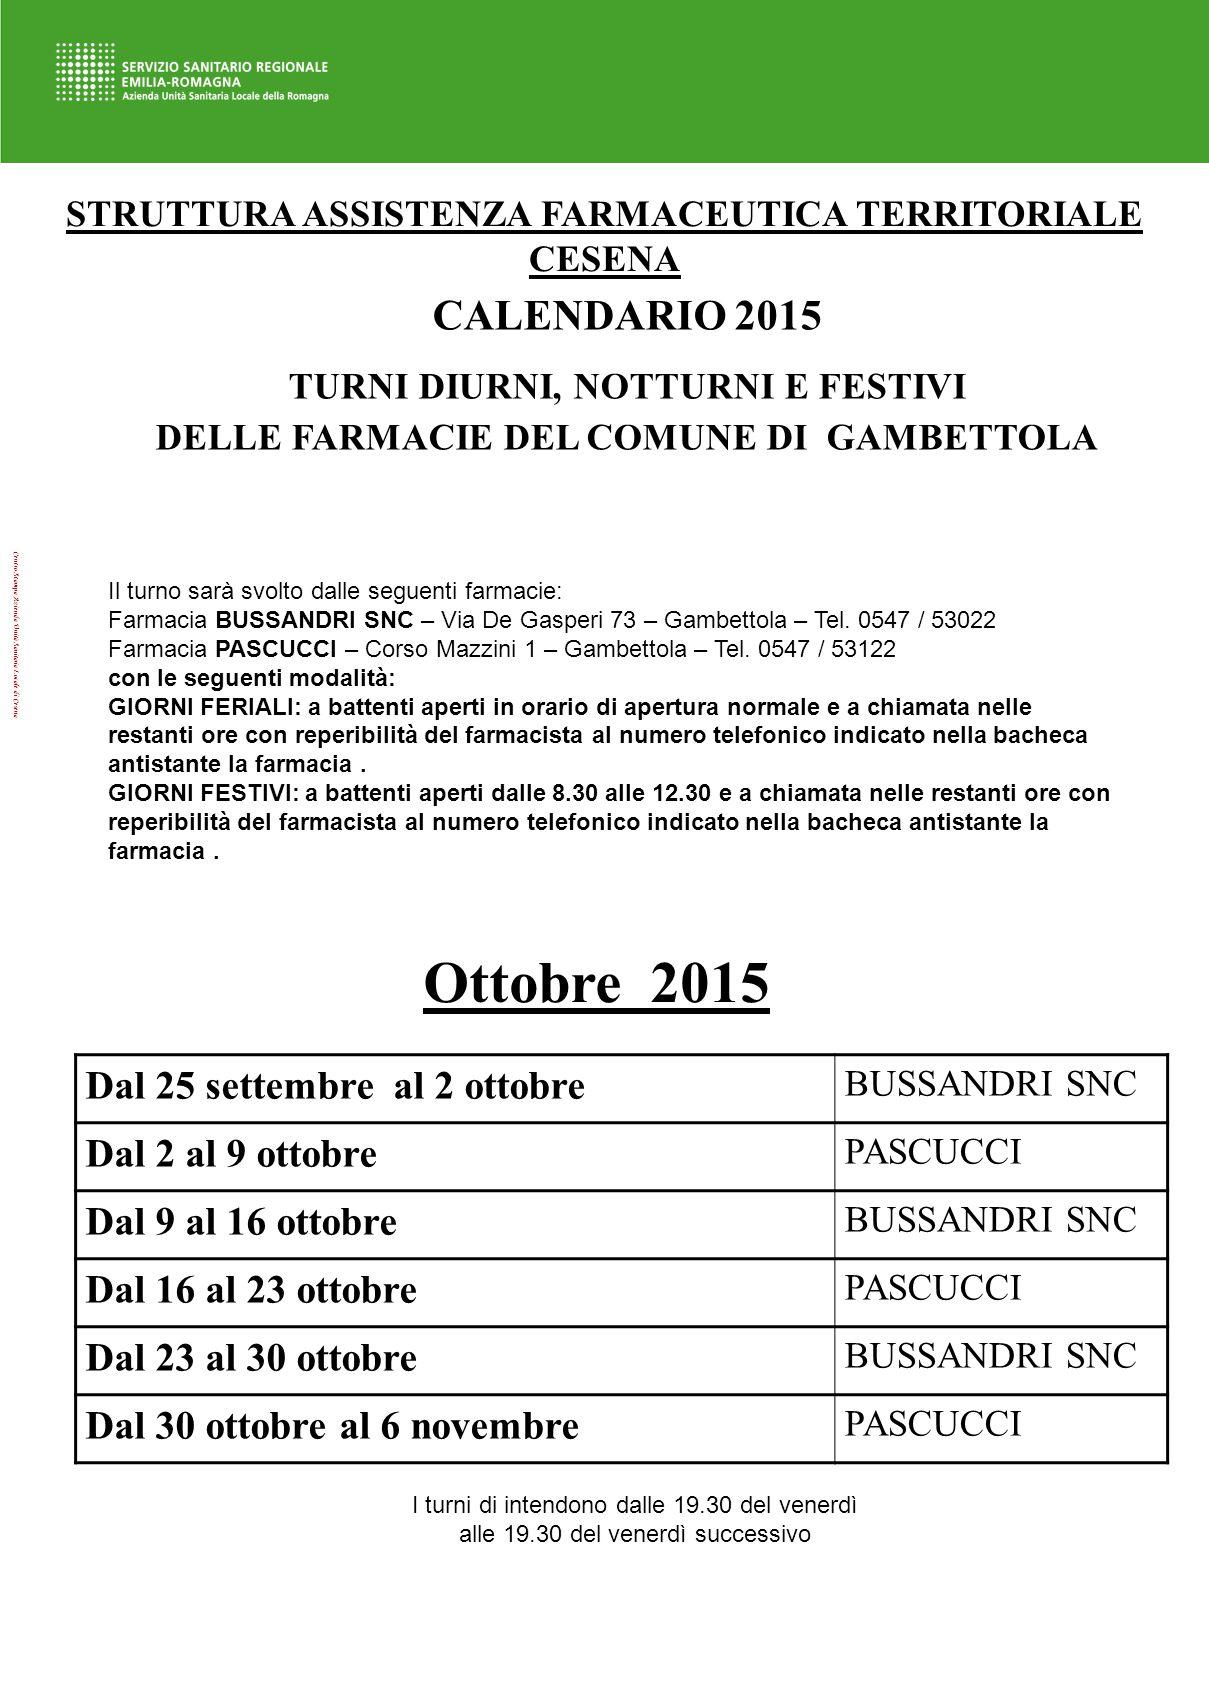 Centro Stampa Azienda Unità Sanitaria Locale di Cesena STRUTTURA ASSISTENZA FARMACEUTICA TERRITORIALE CESENA CALENDARIO 2015 TURNI DIURNI, NOTTURNI E FESTIVI DELLE FARMACIE DEL COMUNE DI GAMBETTOLA Il turno sarà svolto dalle seguenti farmacie: Farmacia BUSSANDRI SNC – Via De Gasperi 73 – Gambettola – Tel.